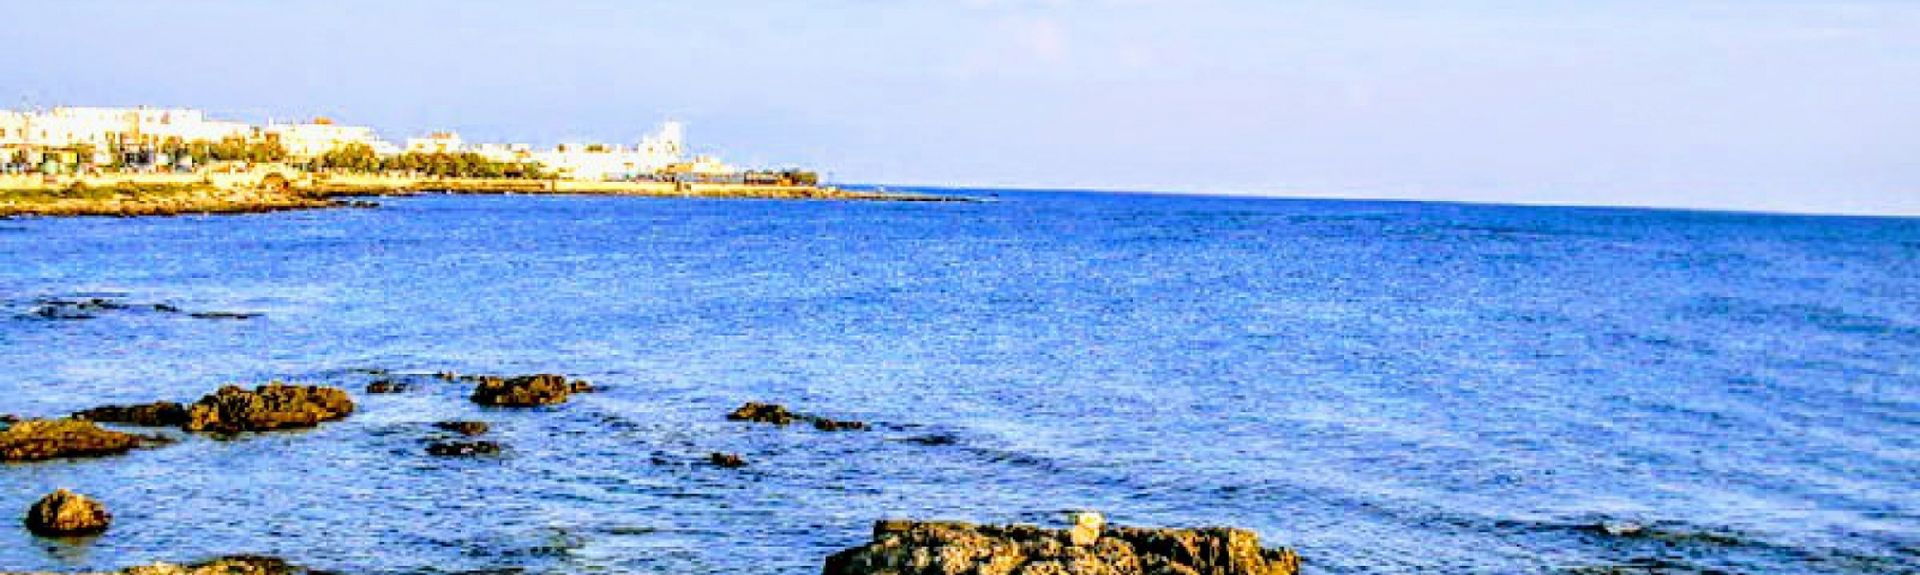 Marina di Mancaversa, Lecce, Puglia, Italy